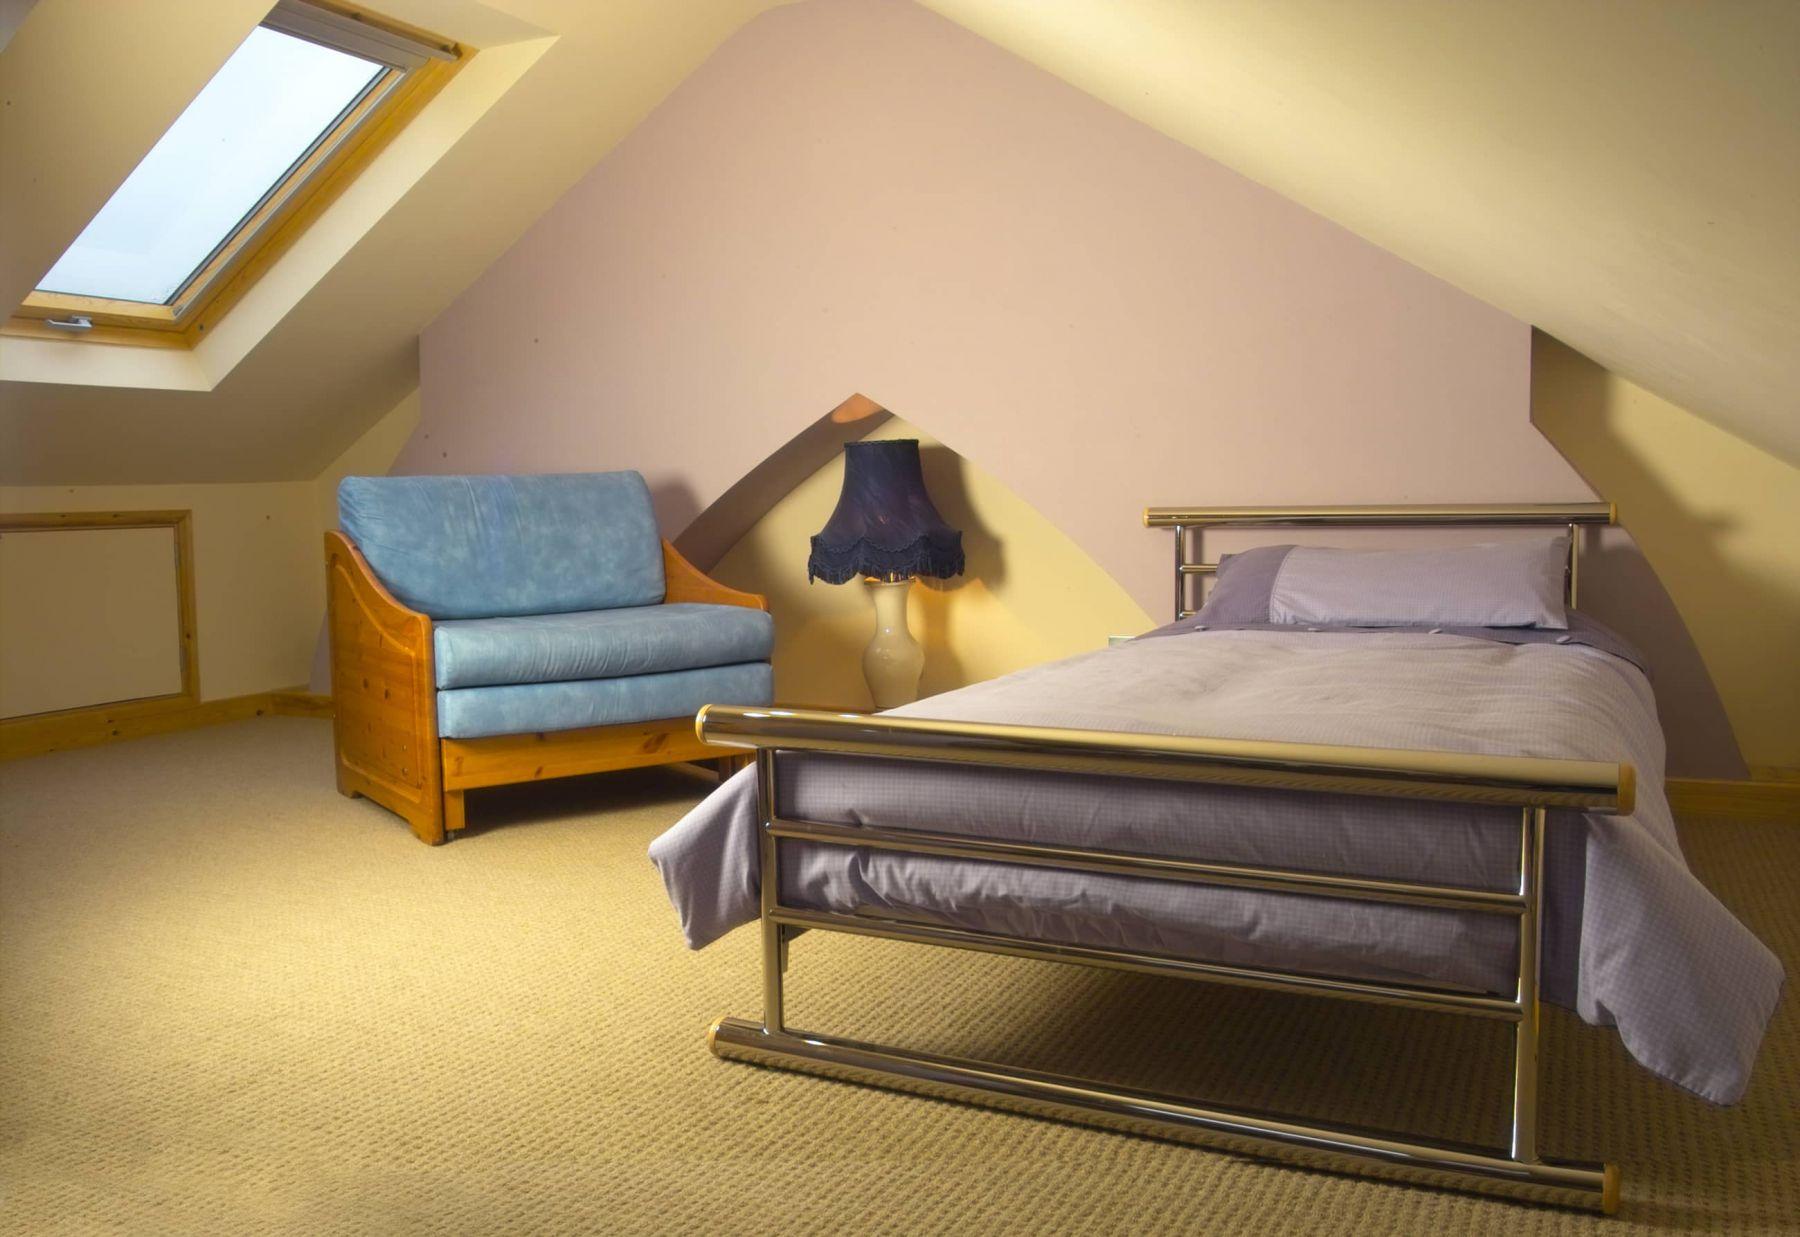 bedroom in attic conversion